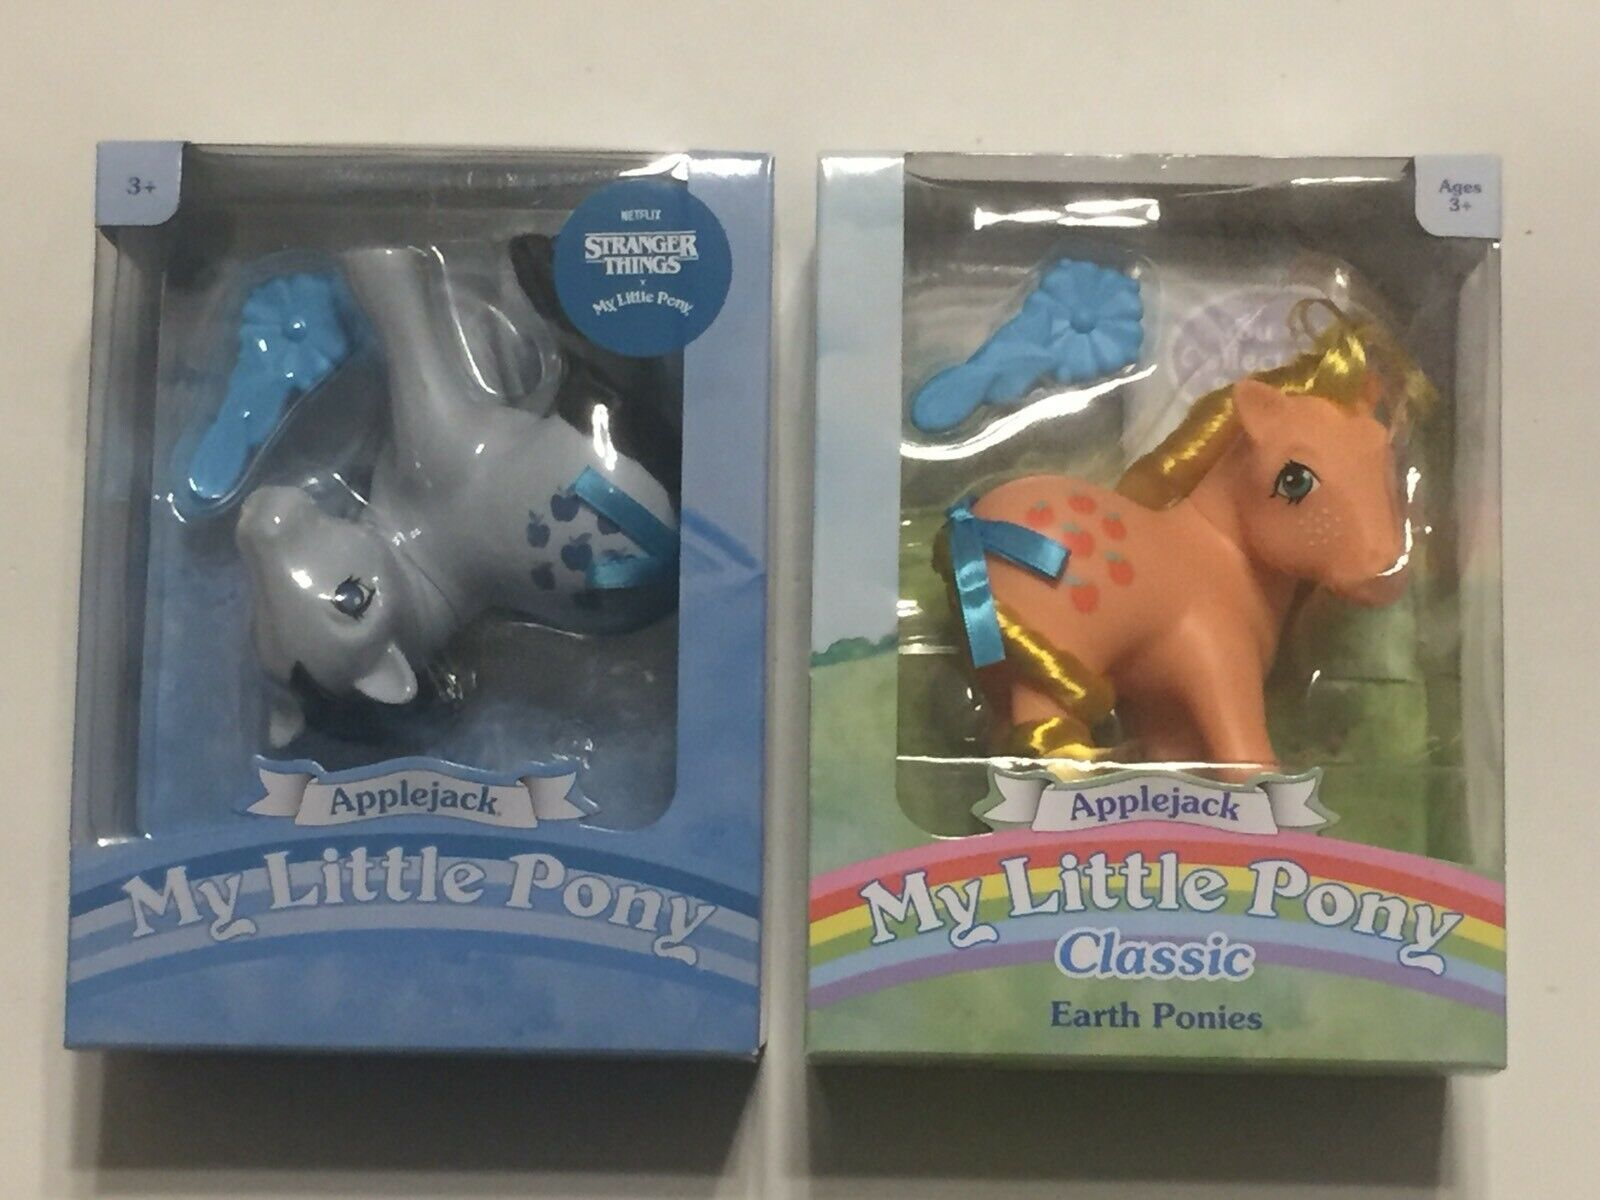 Stranger Things x My Little Pony Upside Down Applejack Figure By Hasbro